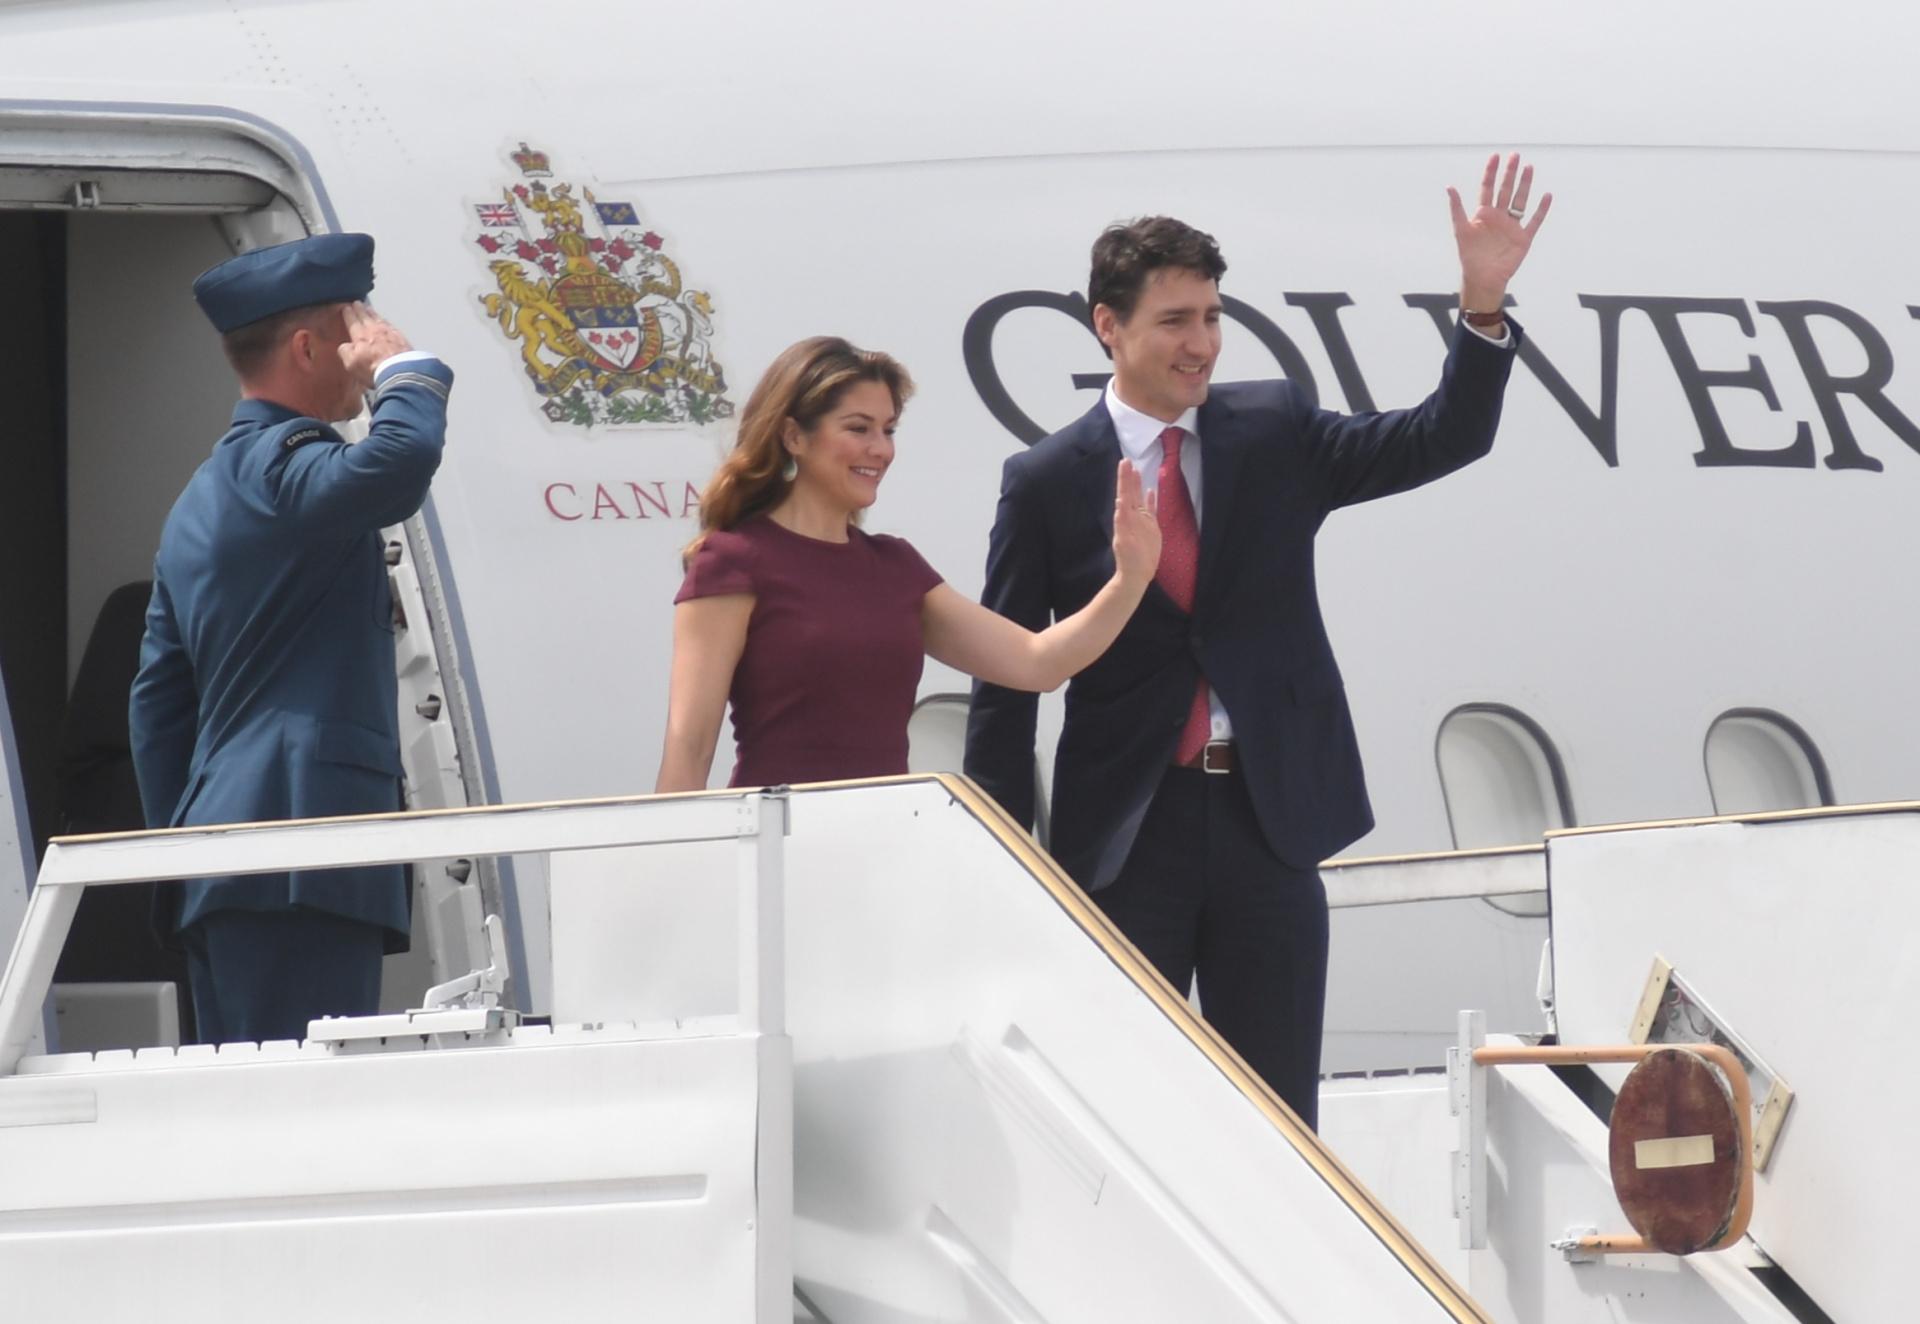 Justin Trudeau, primer ministro de Canadá, aterrizó minutos antes de las 10 en Ezeiza